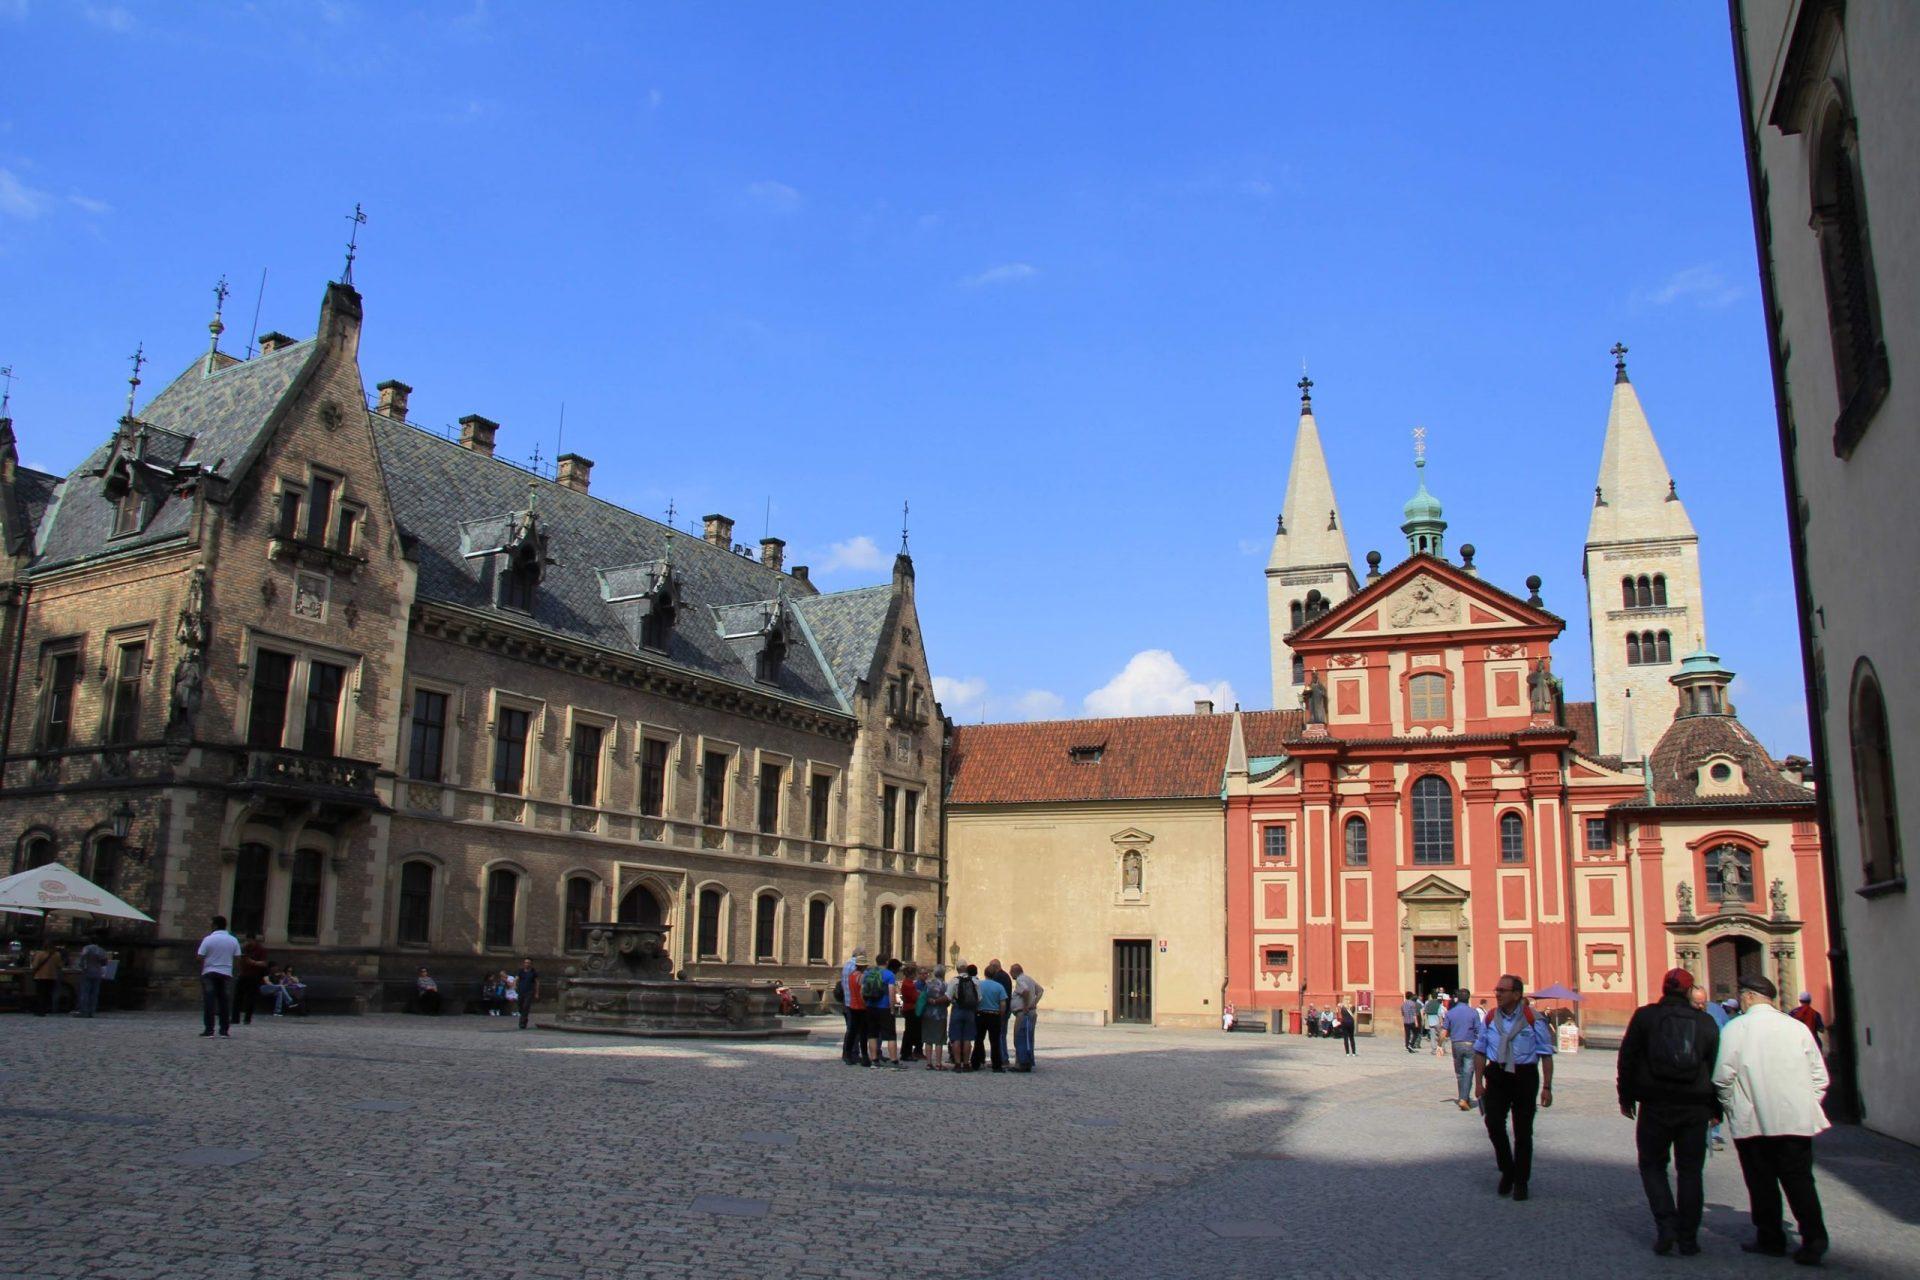 Базилика святого Георгия, Прага, Чехия. Апрель, 2013